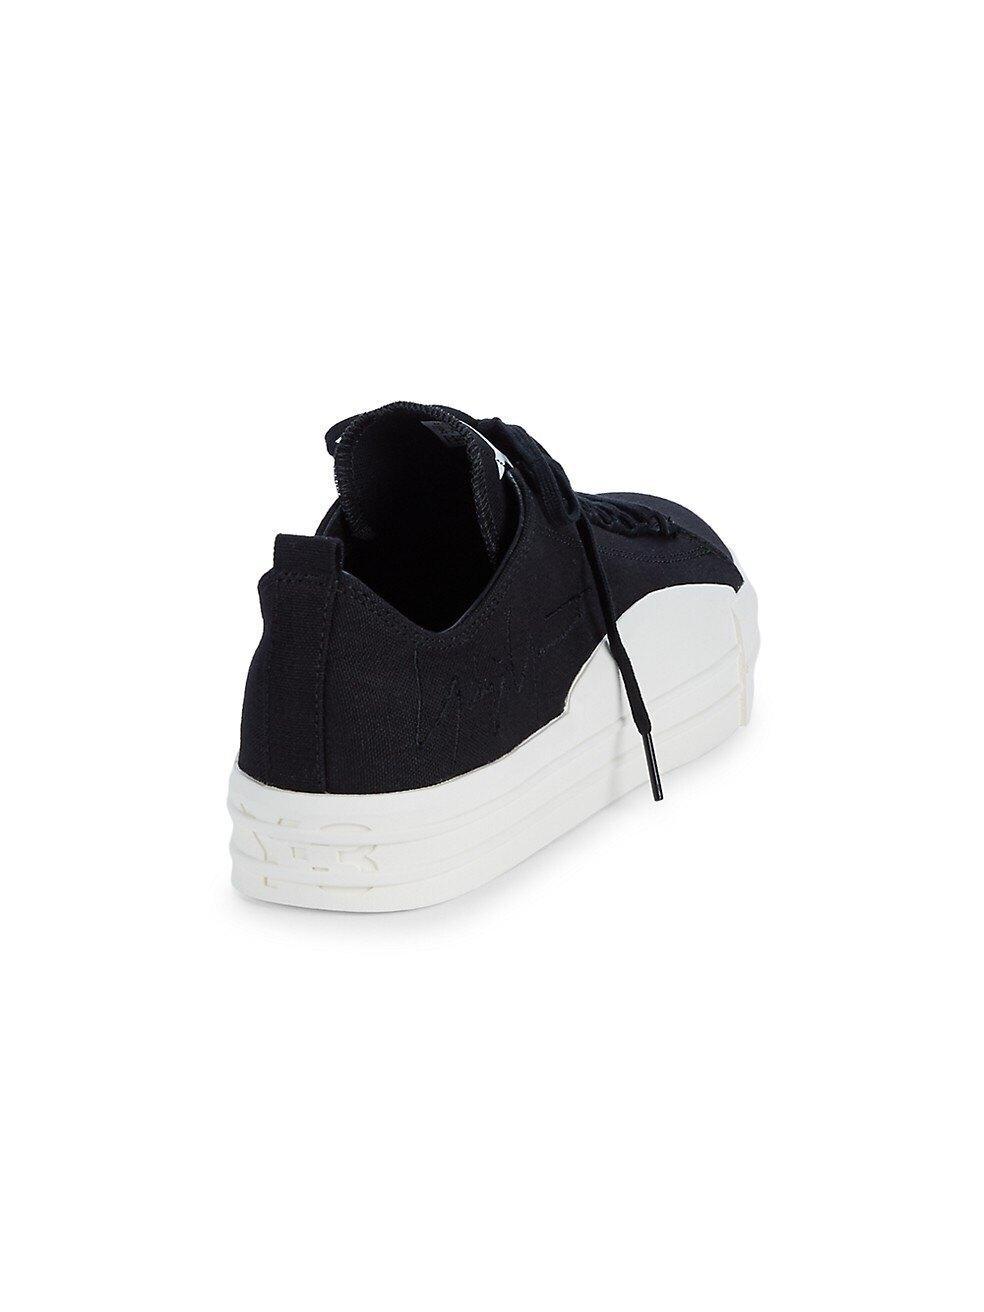 Y-3黑色運動鞋 尺寸US6, 7, 10.5, 11, 11.5, 12 折扣6880/雙